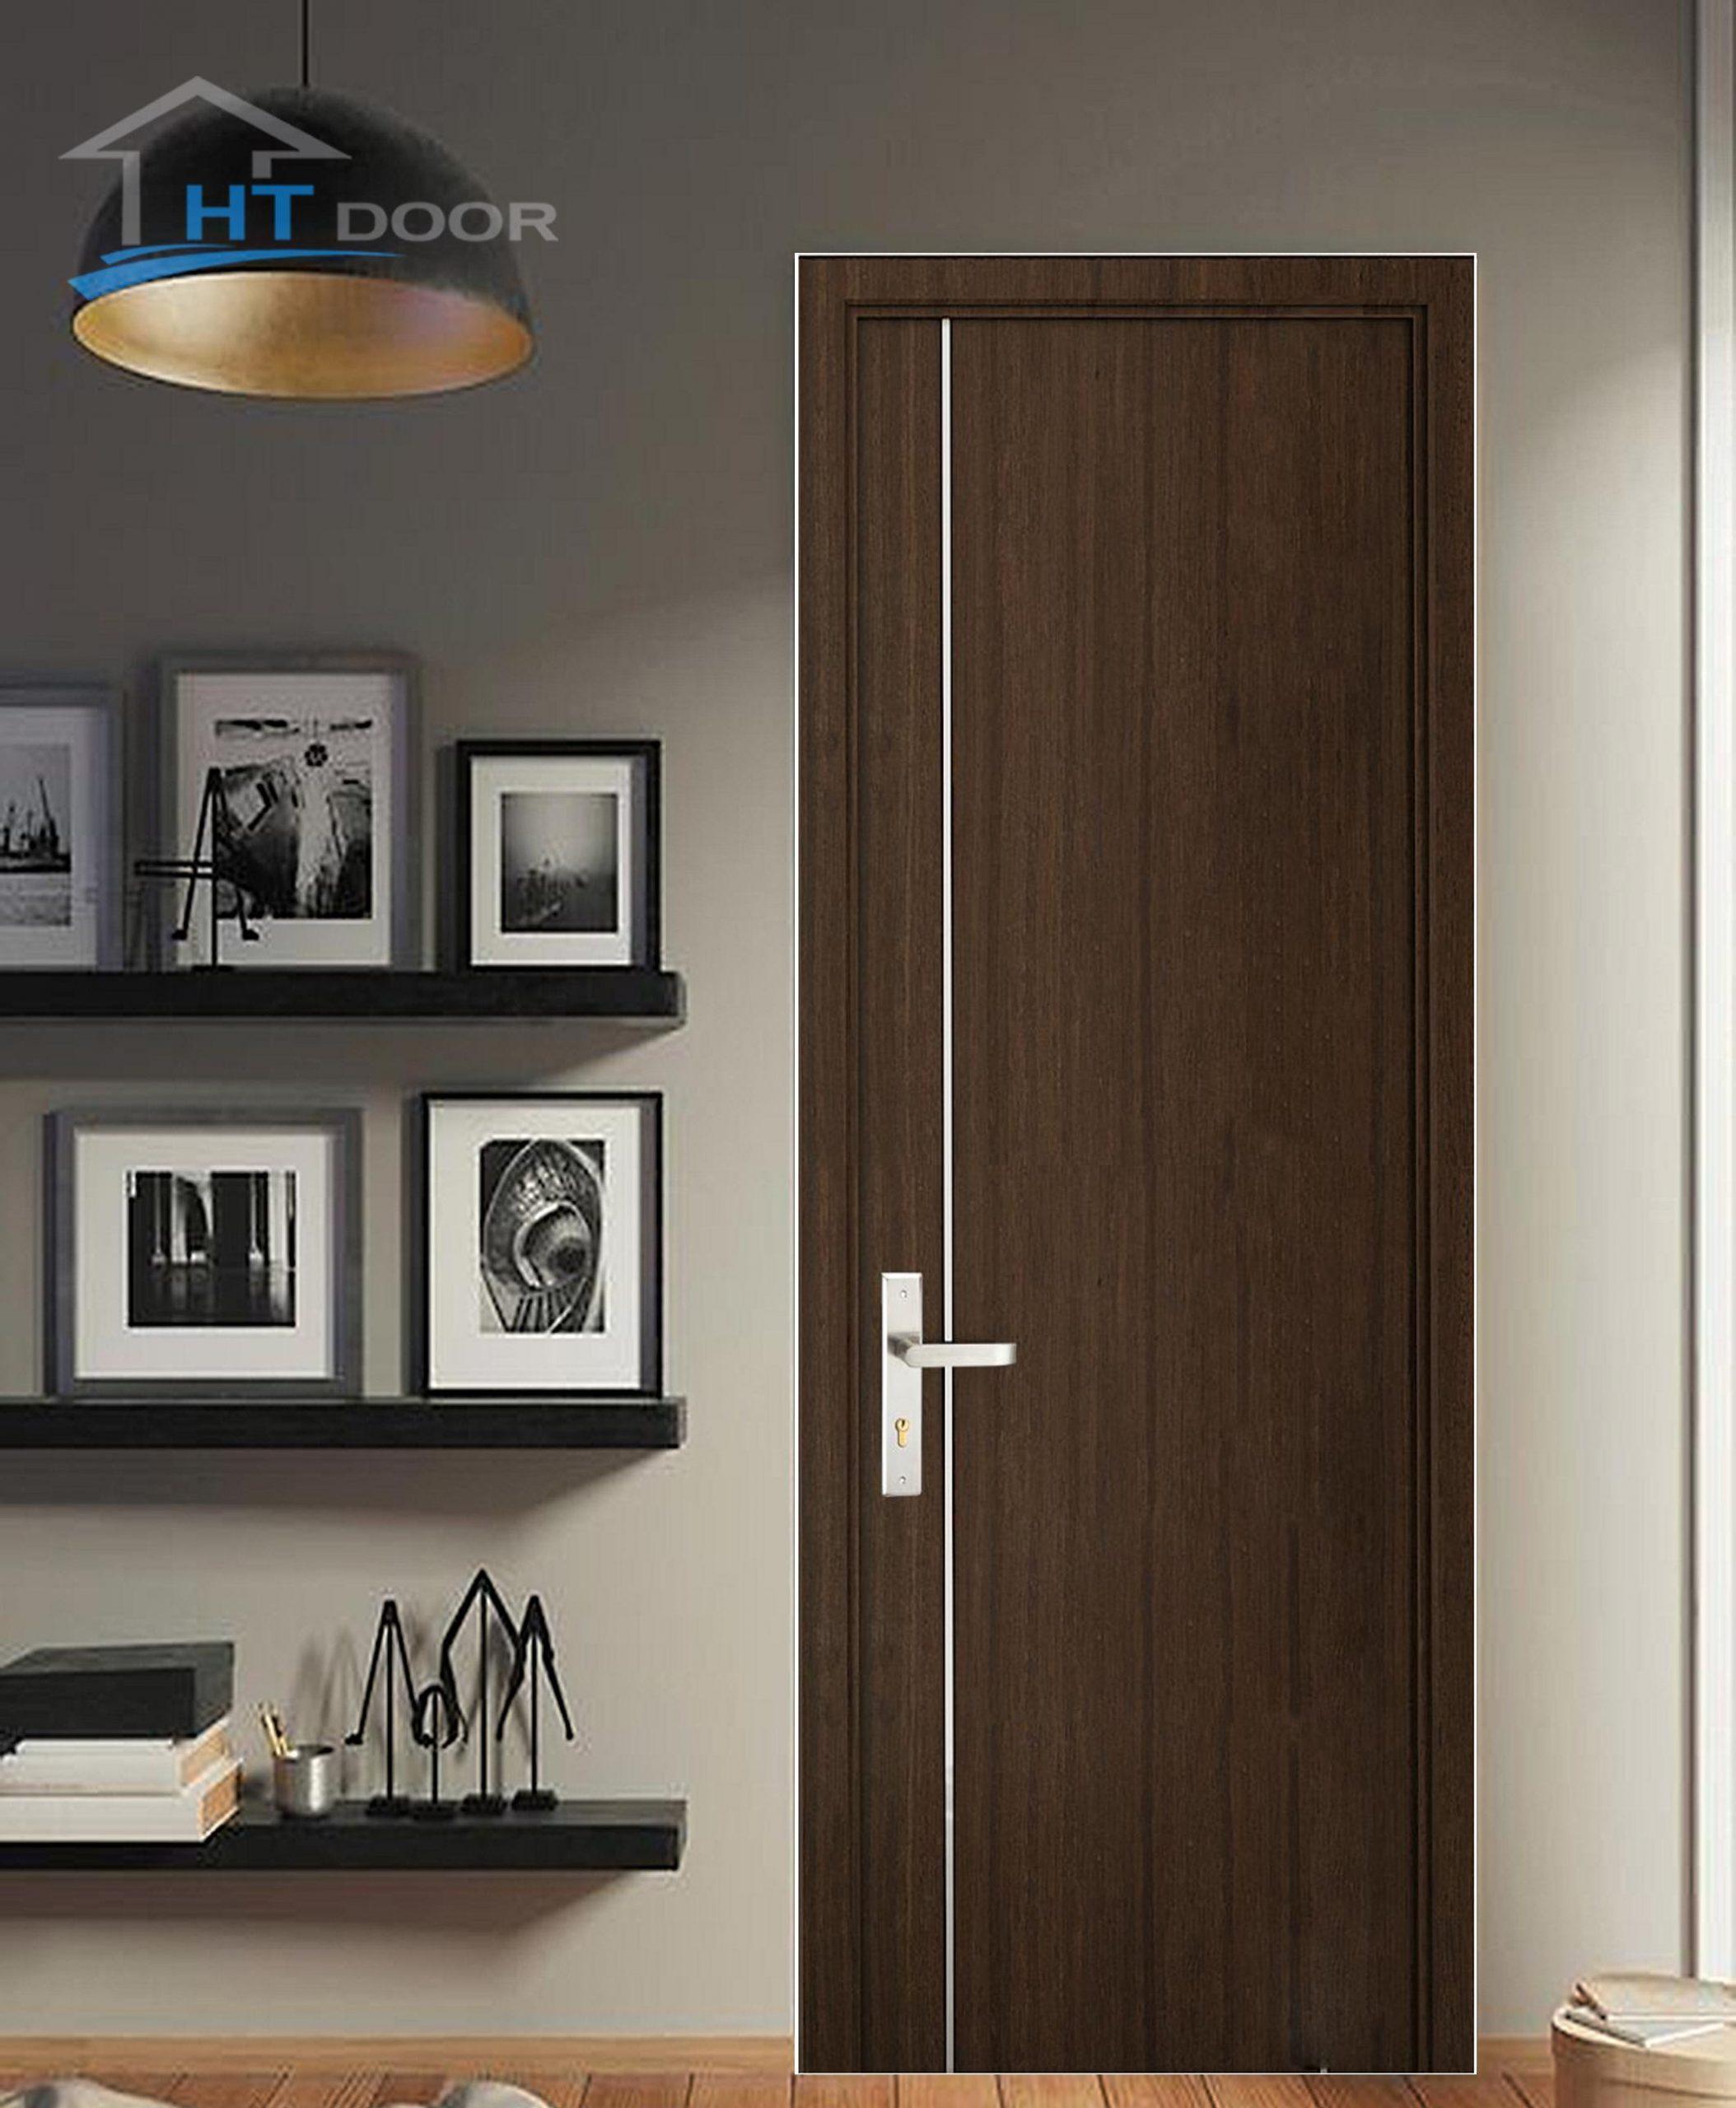 Mẫu cửa gỗ nhựa composite kẻ chỉ nhôm